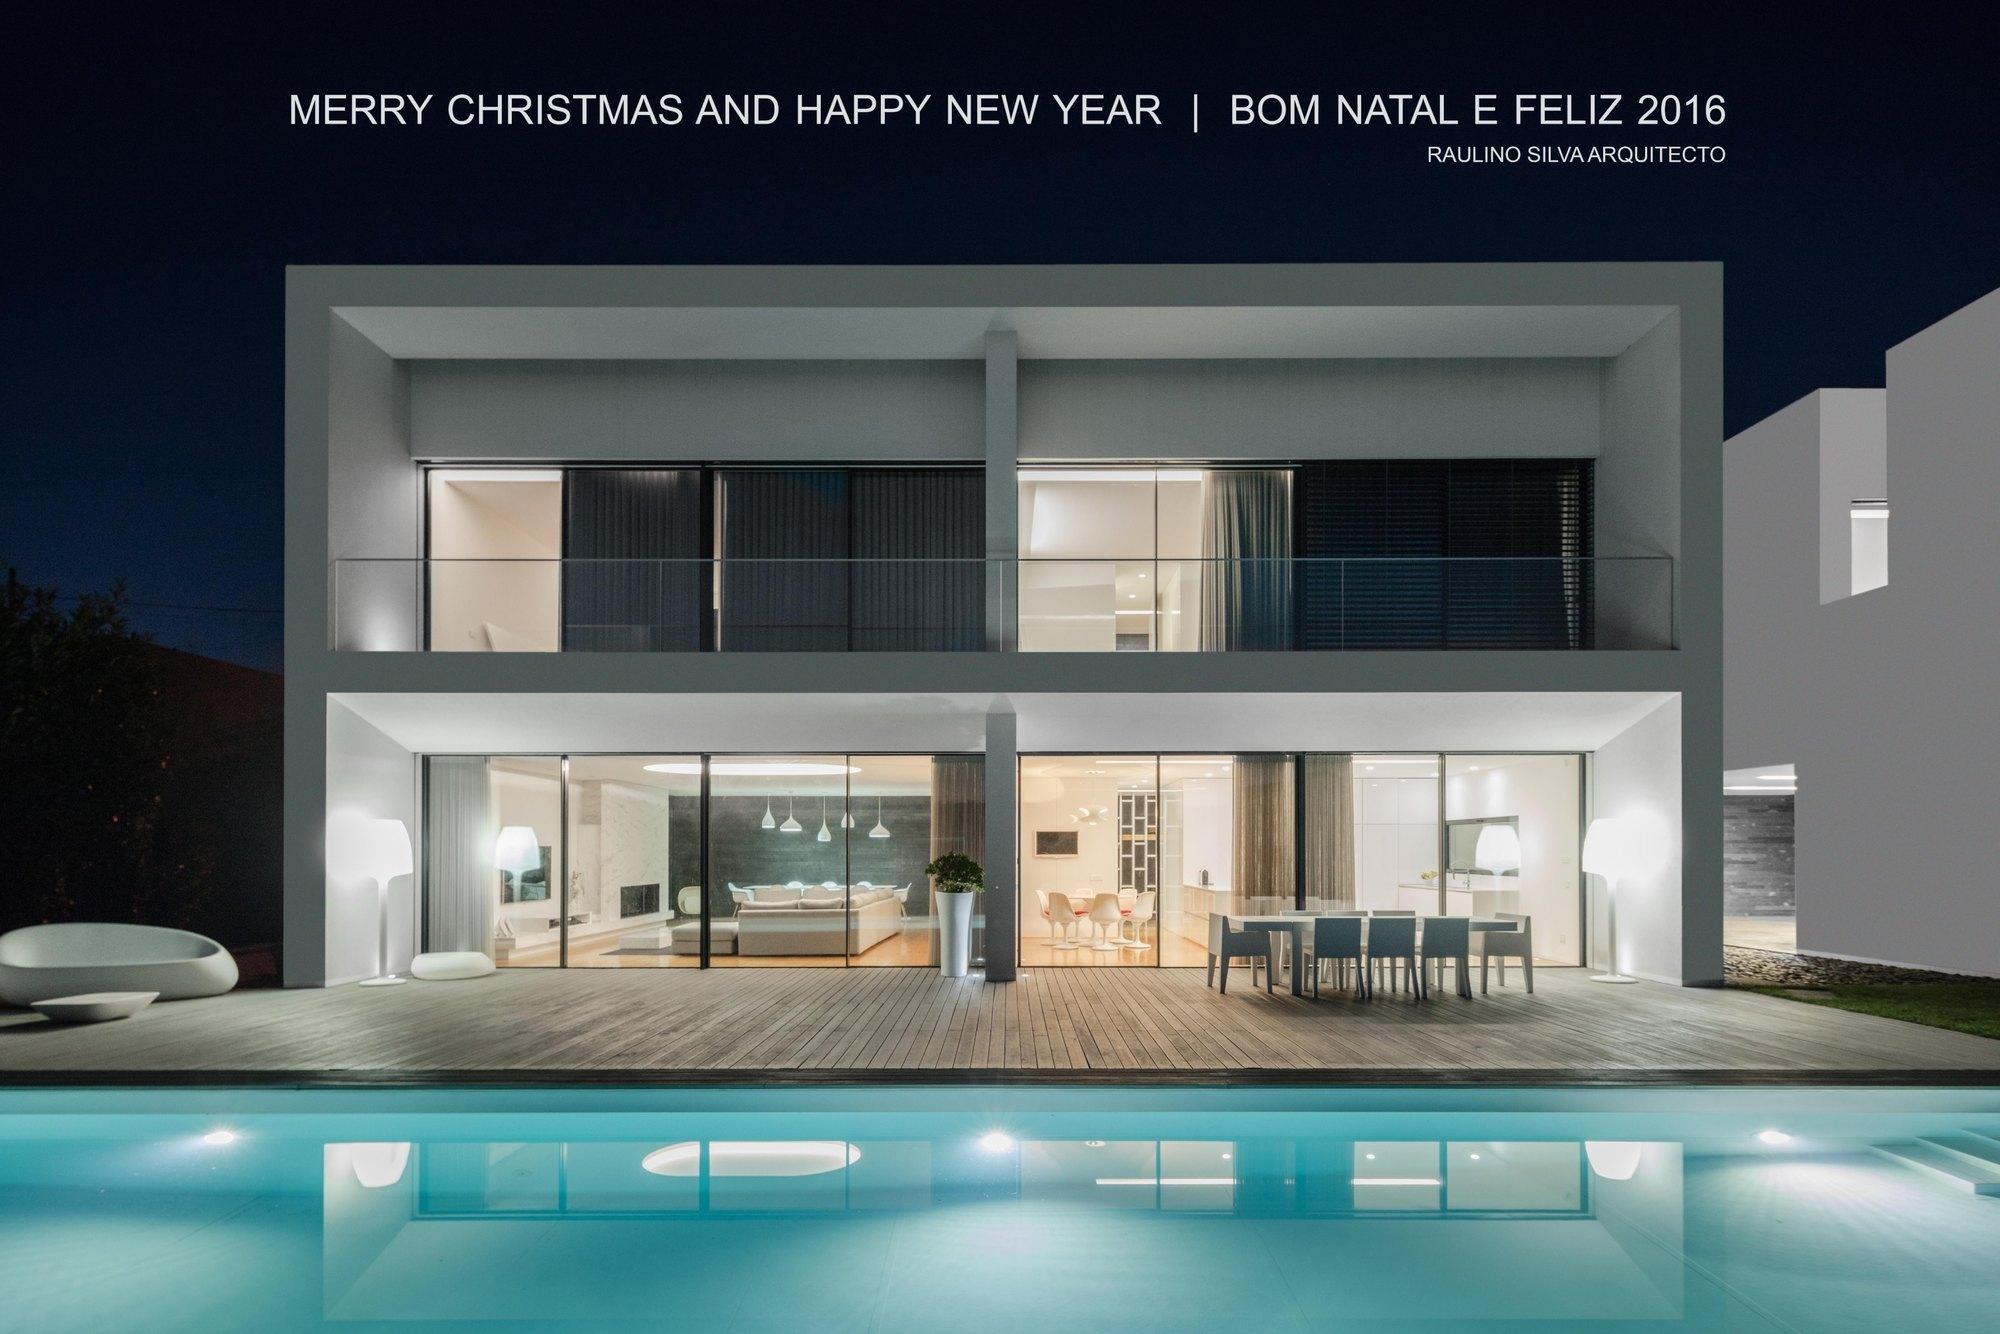 Galer a de postales de navidad de arquitectos de todo el for Todo para el arquitecto